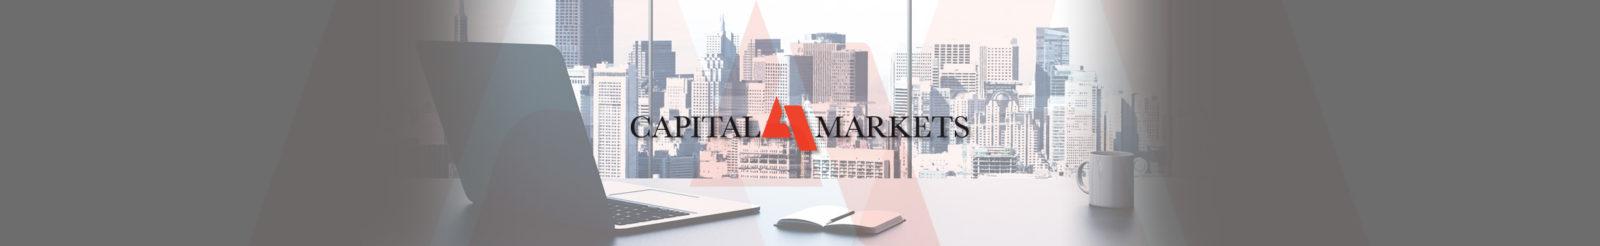 capital4markets.de